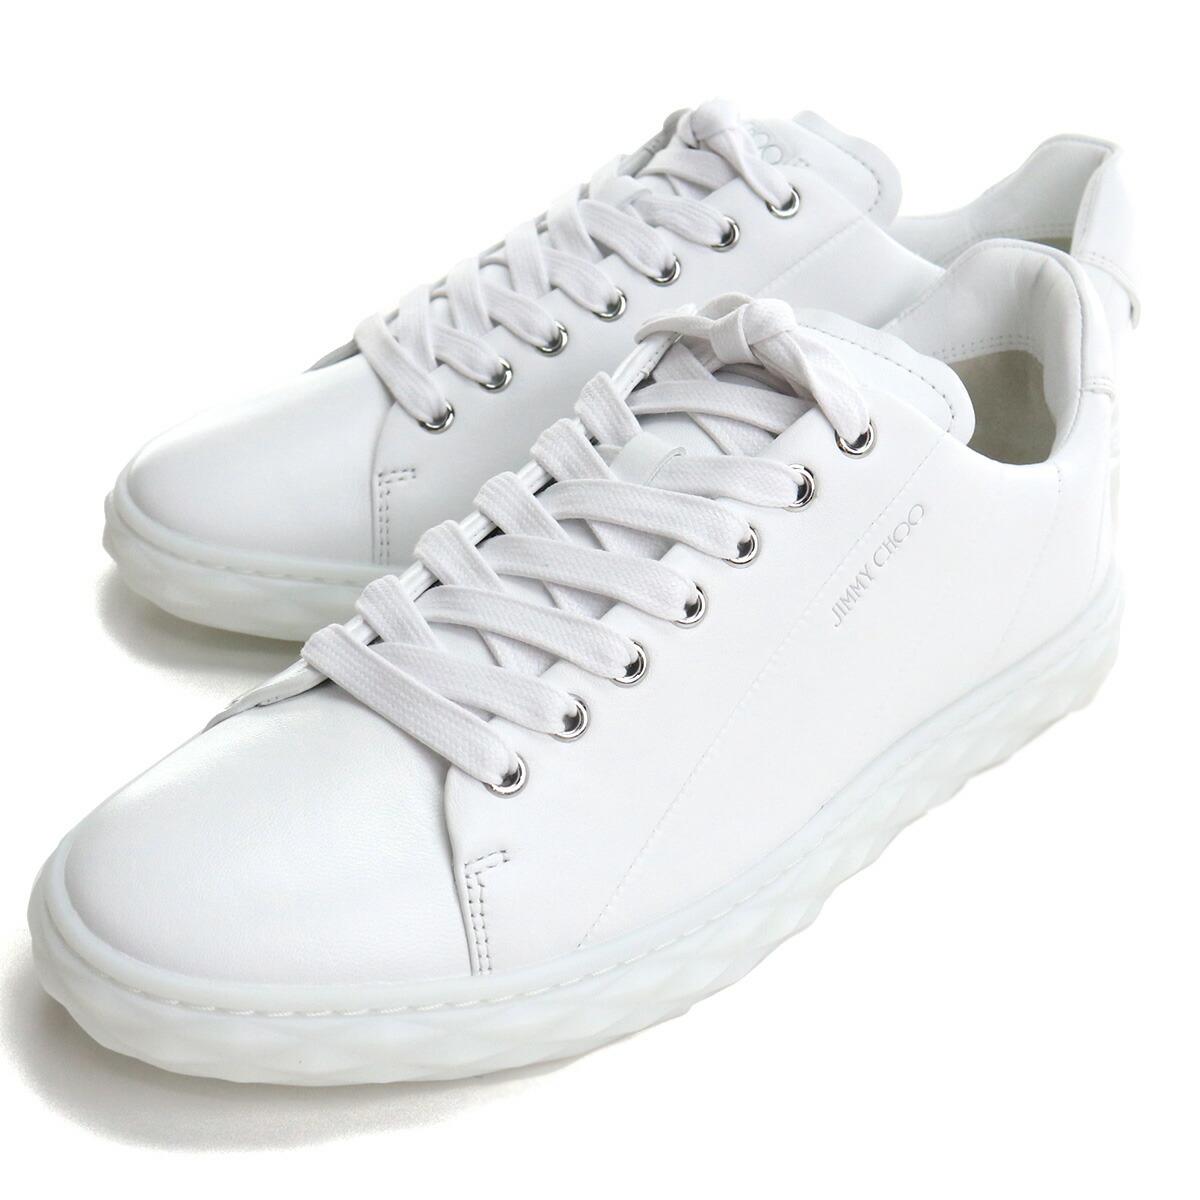 ジミーチュウ JIMMY CHOO  メンズスニーカー ブランドスニーカー DIAMOND LIGHT/M NAP 211 V WHITE ホワイト系 bos-06 shoes-01